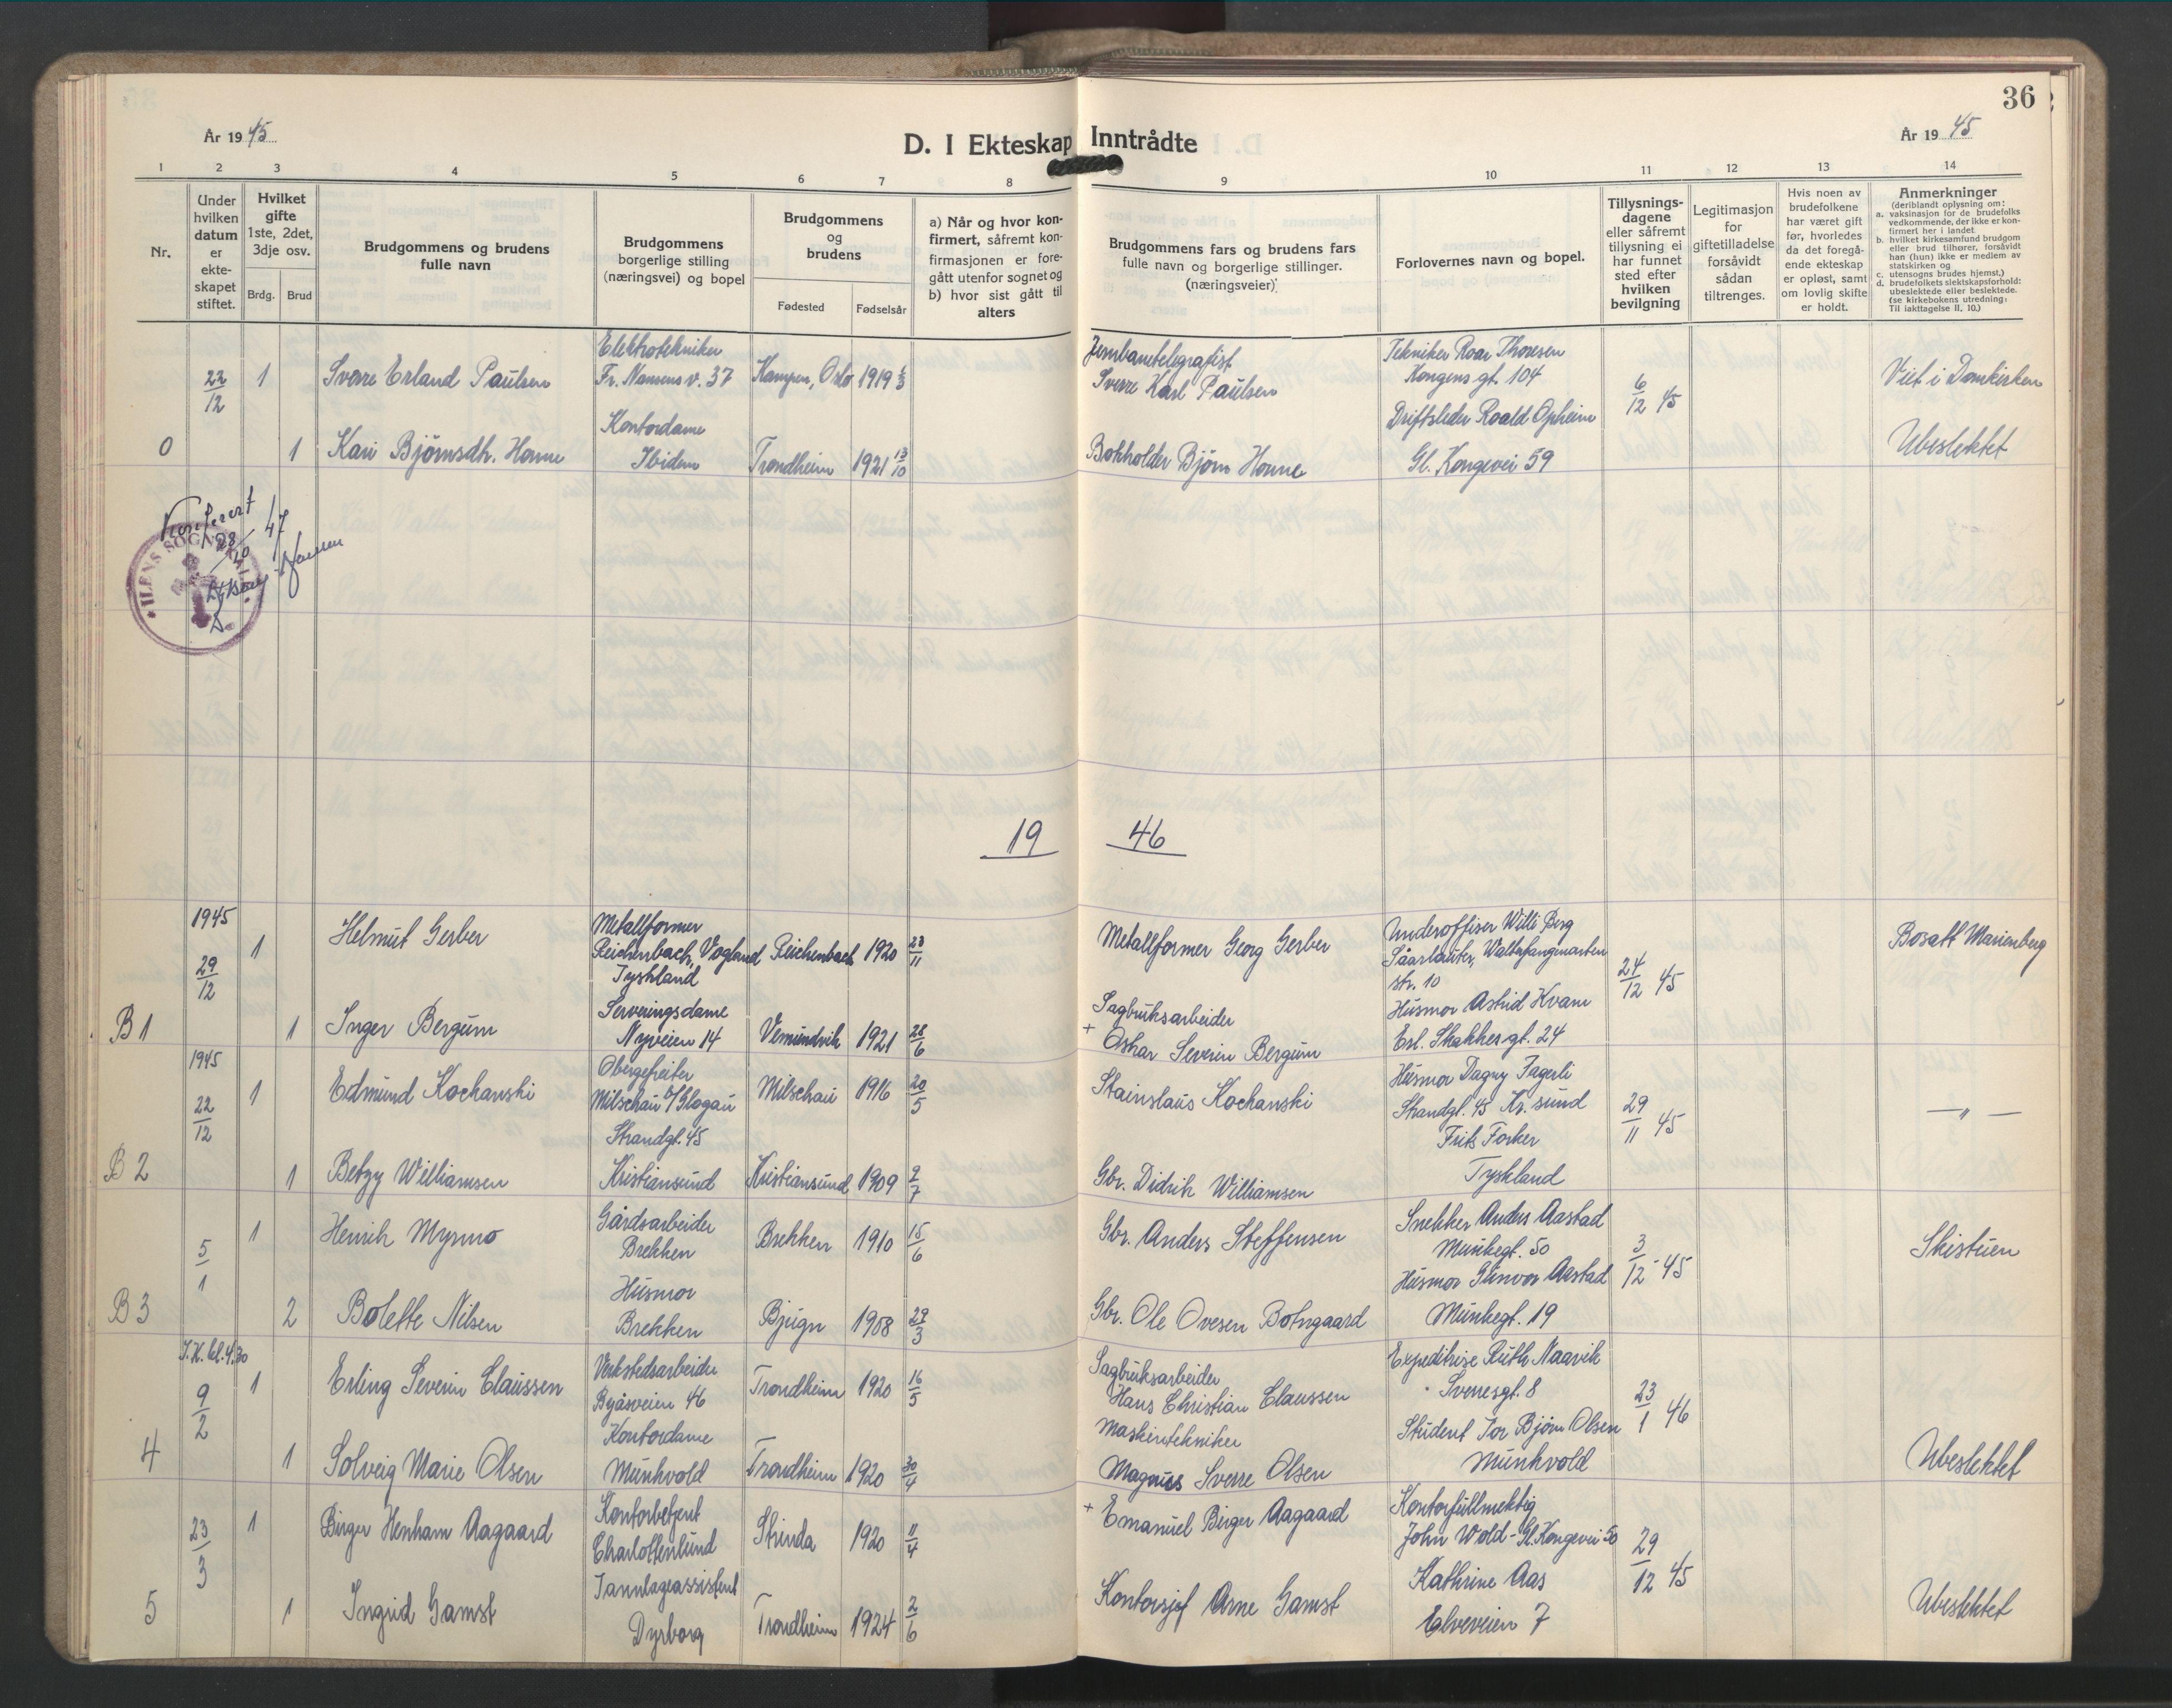 SAT, Ministerialprotokoller, klokkerbøker og fødselsregistre - Sør-Trøndelag, 603/L0177: Klokkerbok nr. 603C05, 1941-1952, s. 36